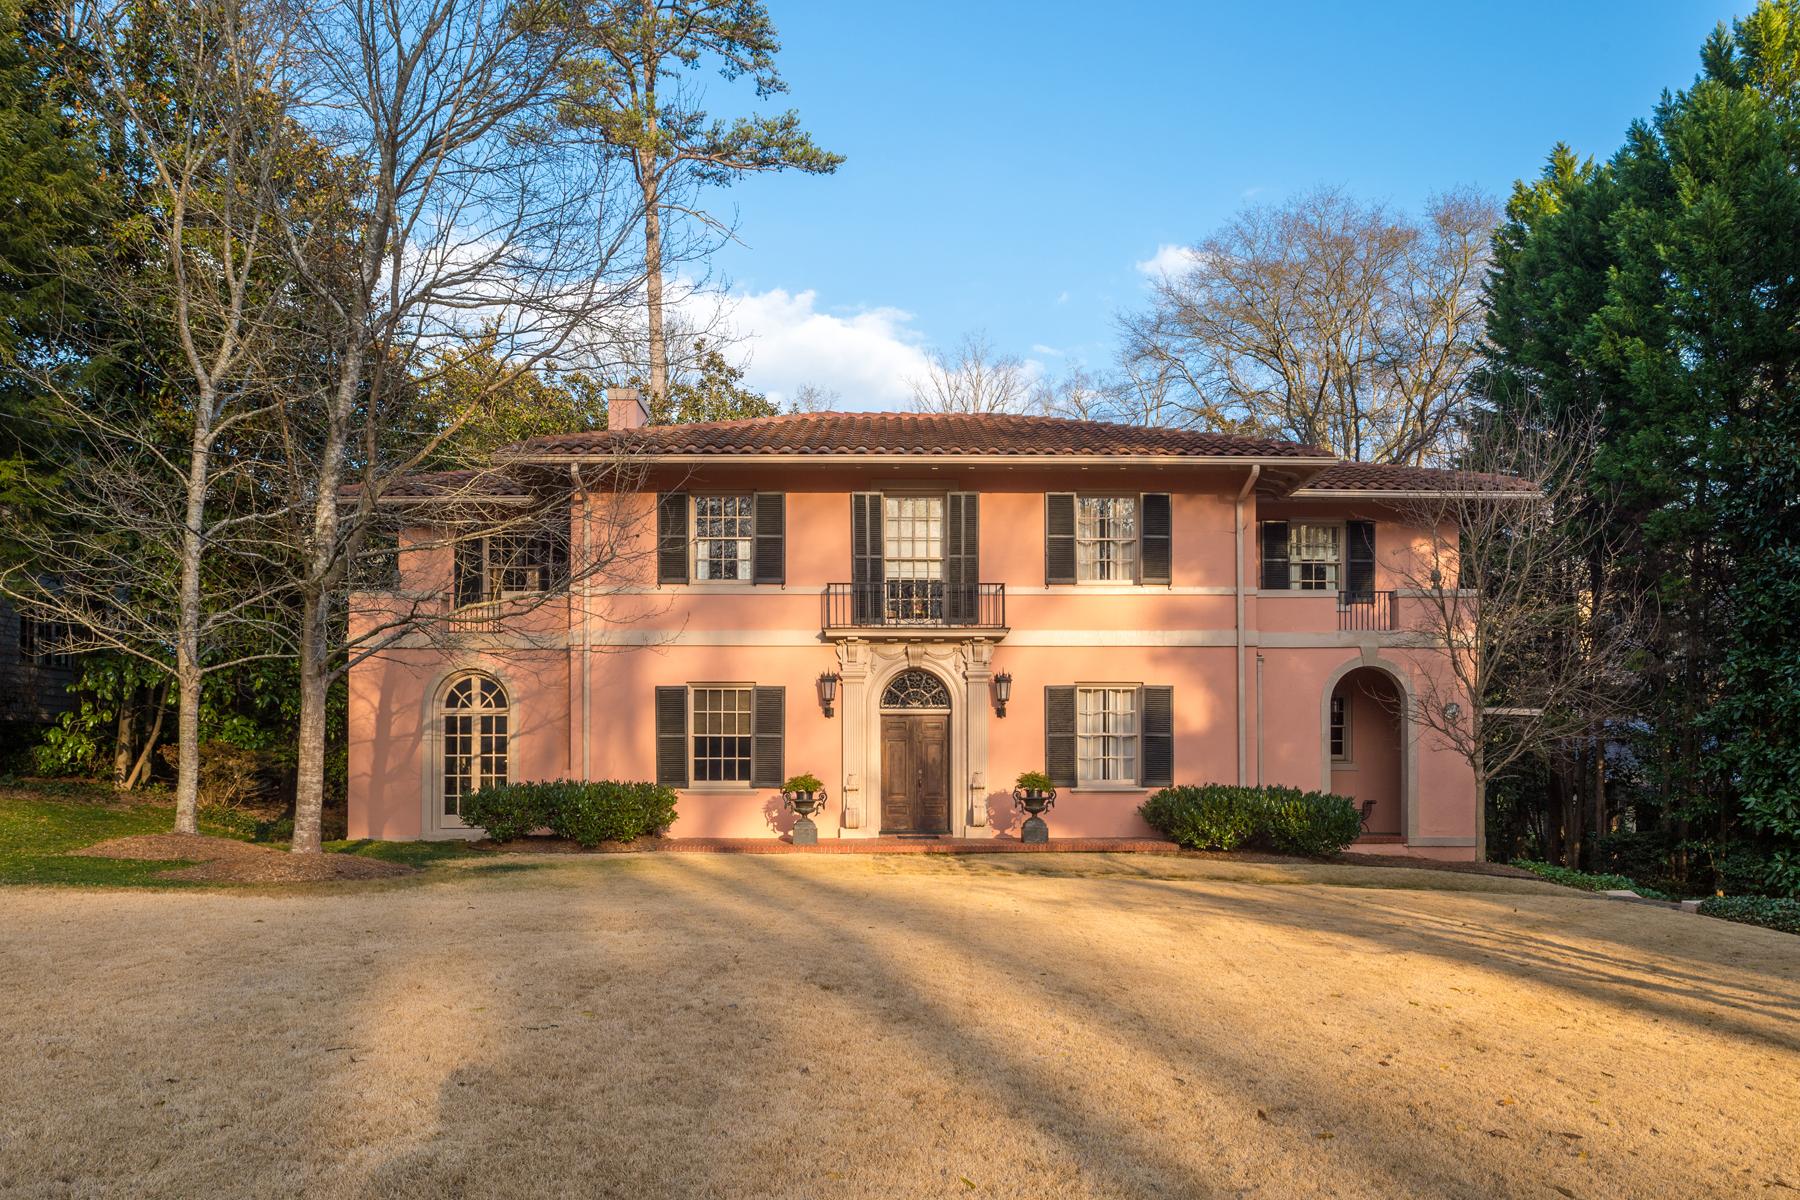 Maison unifamiliale pour l Vente à Lewis Crook Mediterranean 2953 Habersham Road NW Atlanta, Georgia 30305 États-Unis